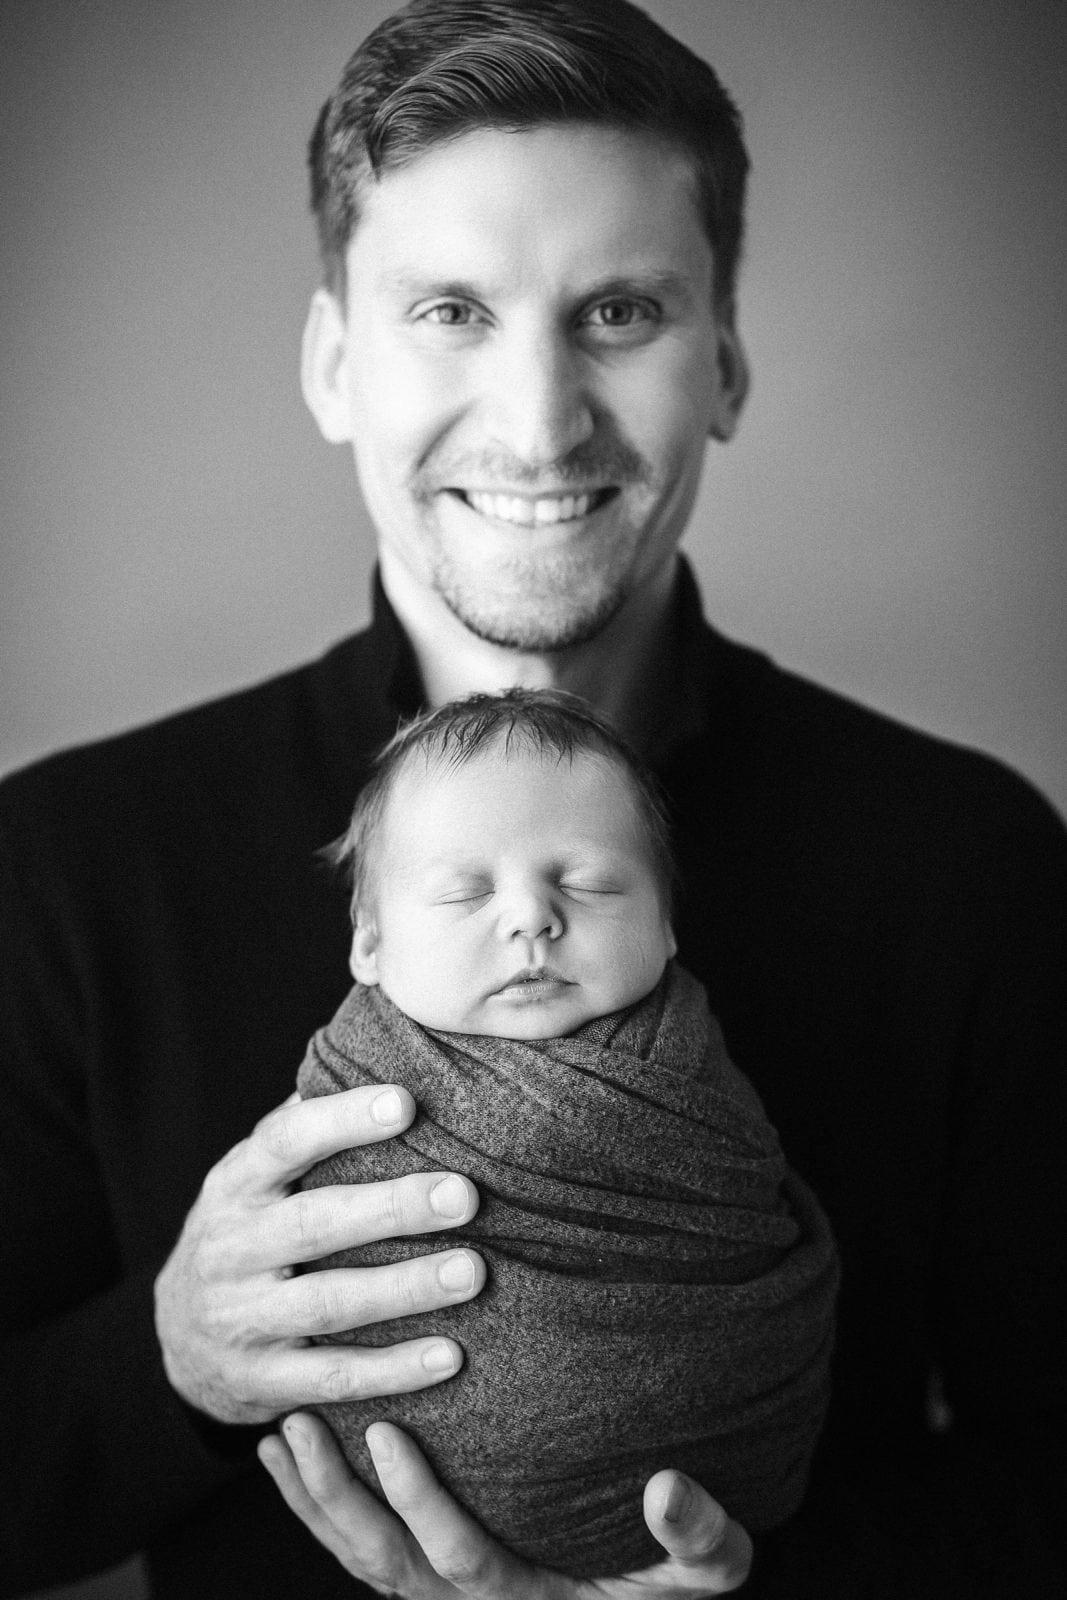 raleigh newborn photographer – baby barrett